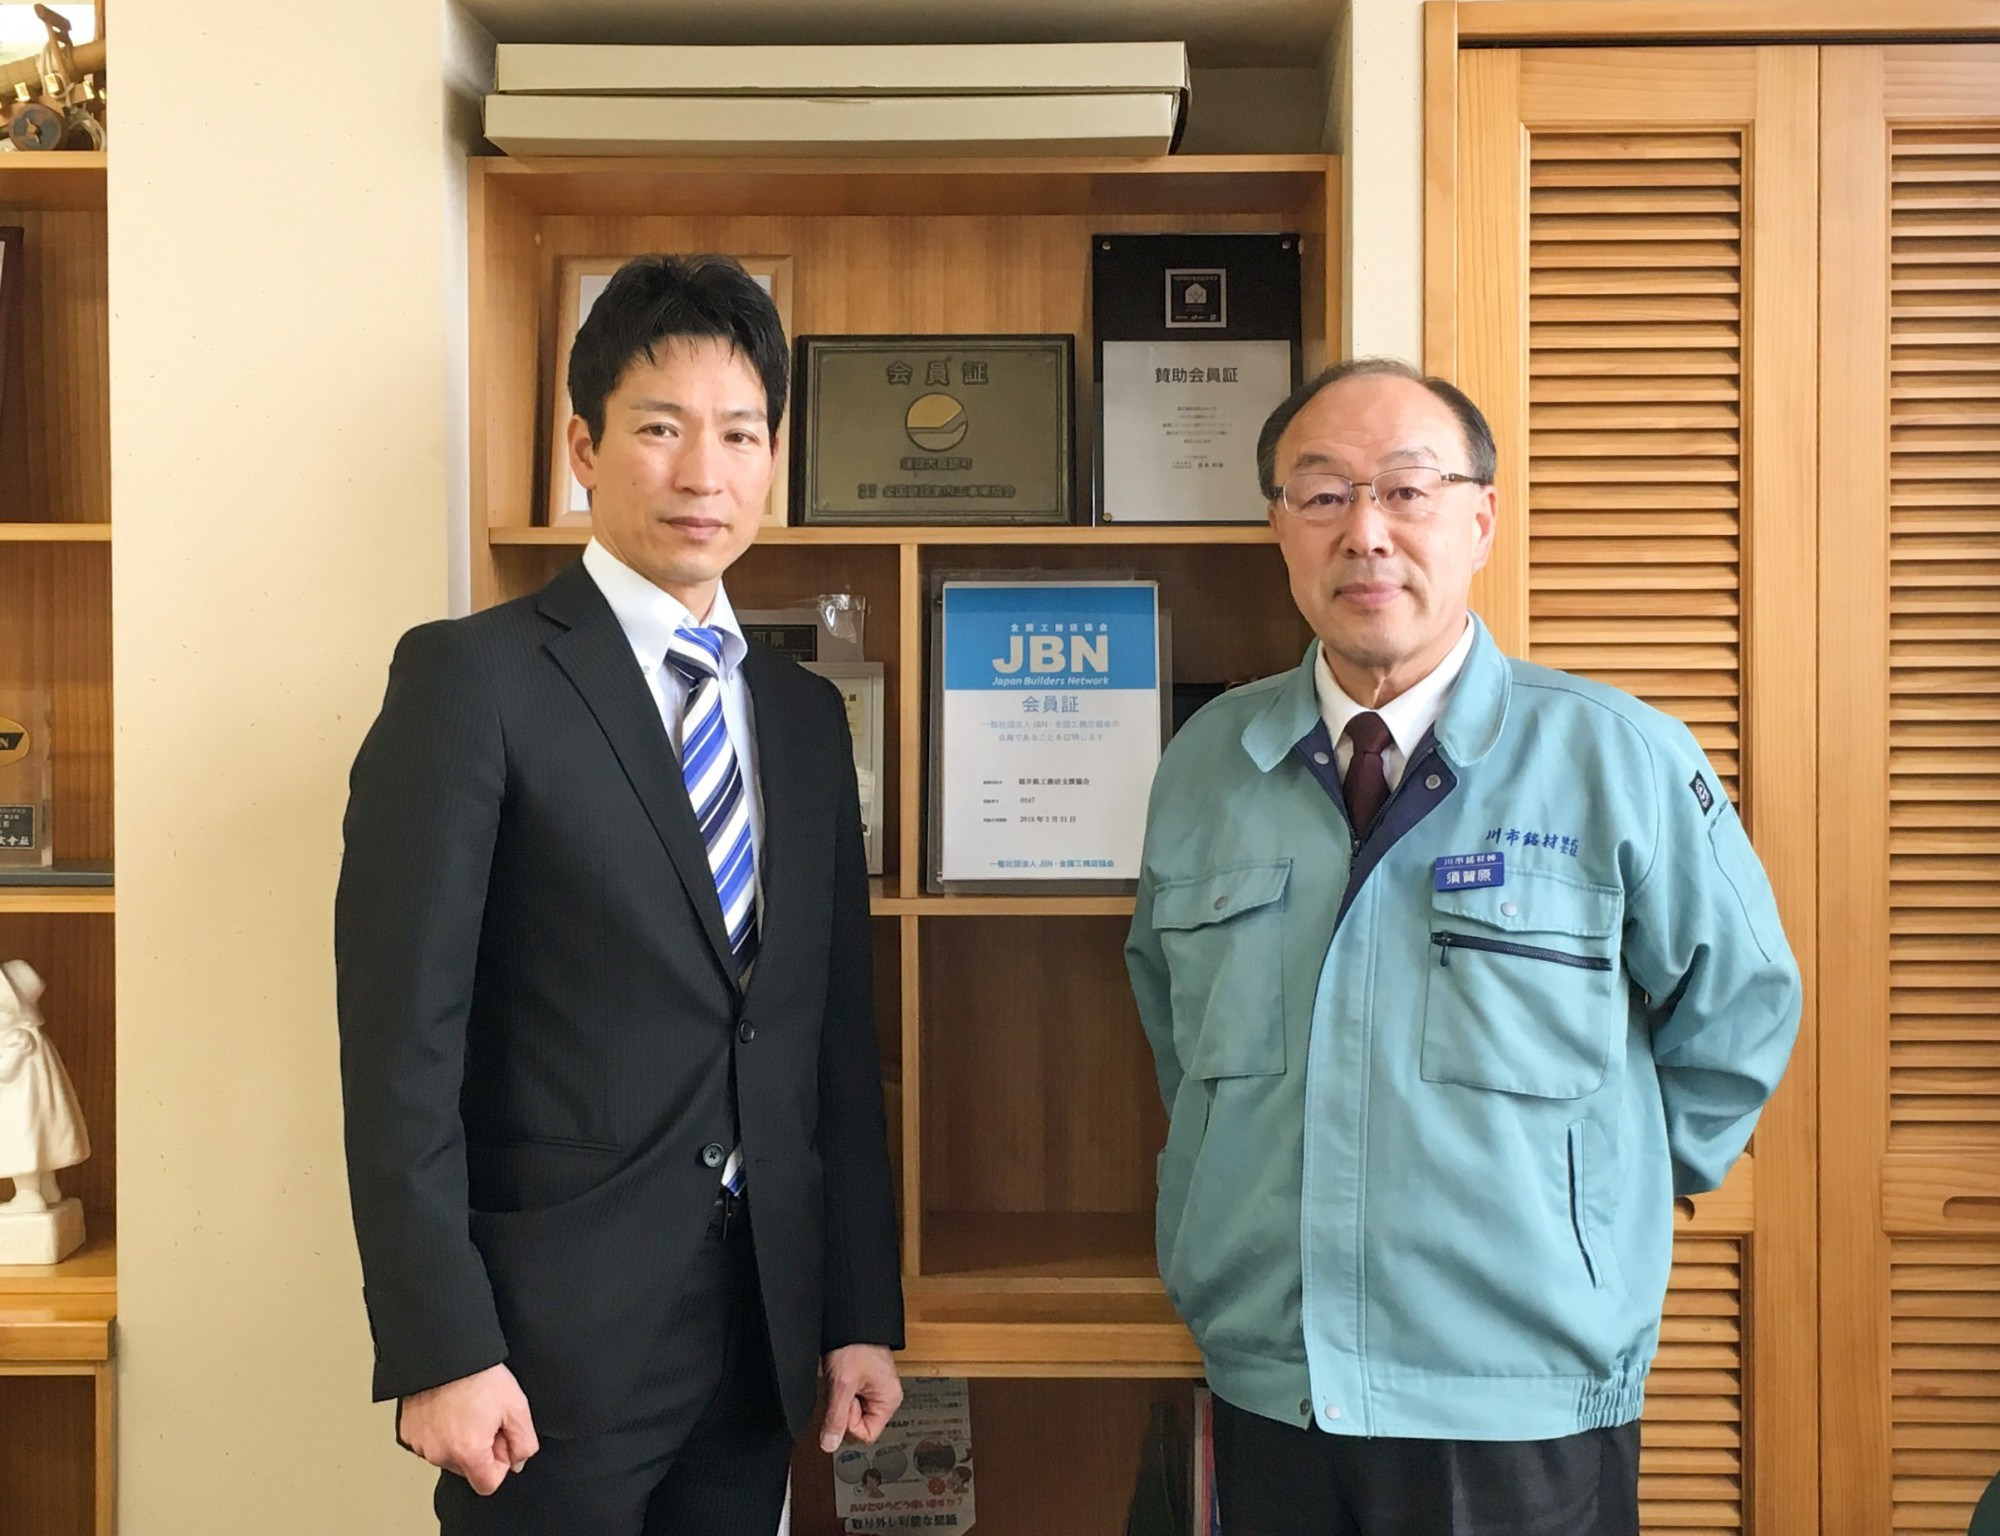 4月から福井県工務店支援協会(JBN福井)に統合参加させていただきます。